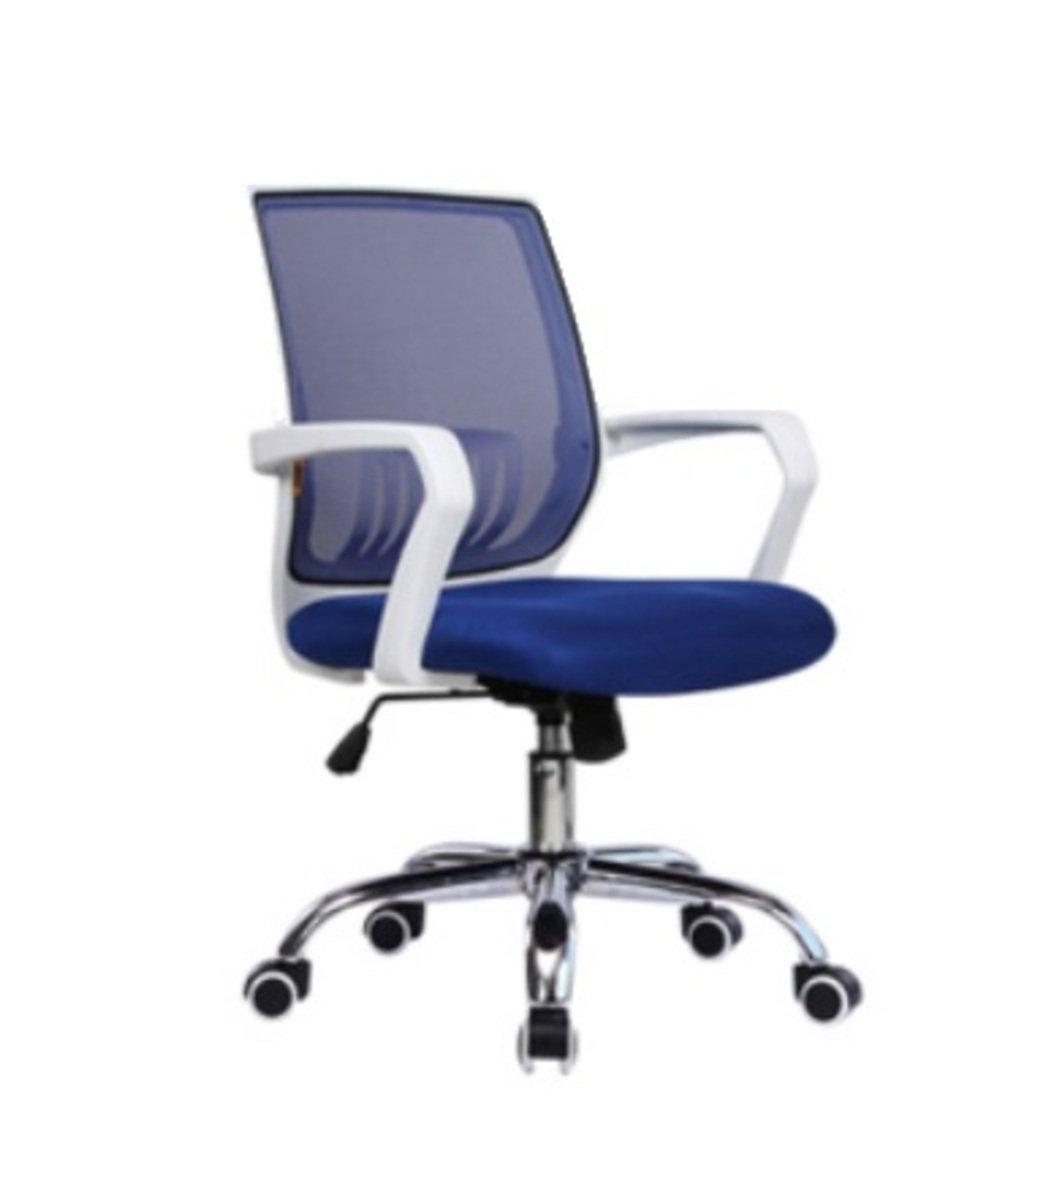 人體工學辦公椅-白框(寶藍色)